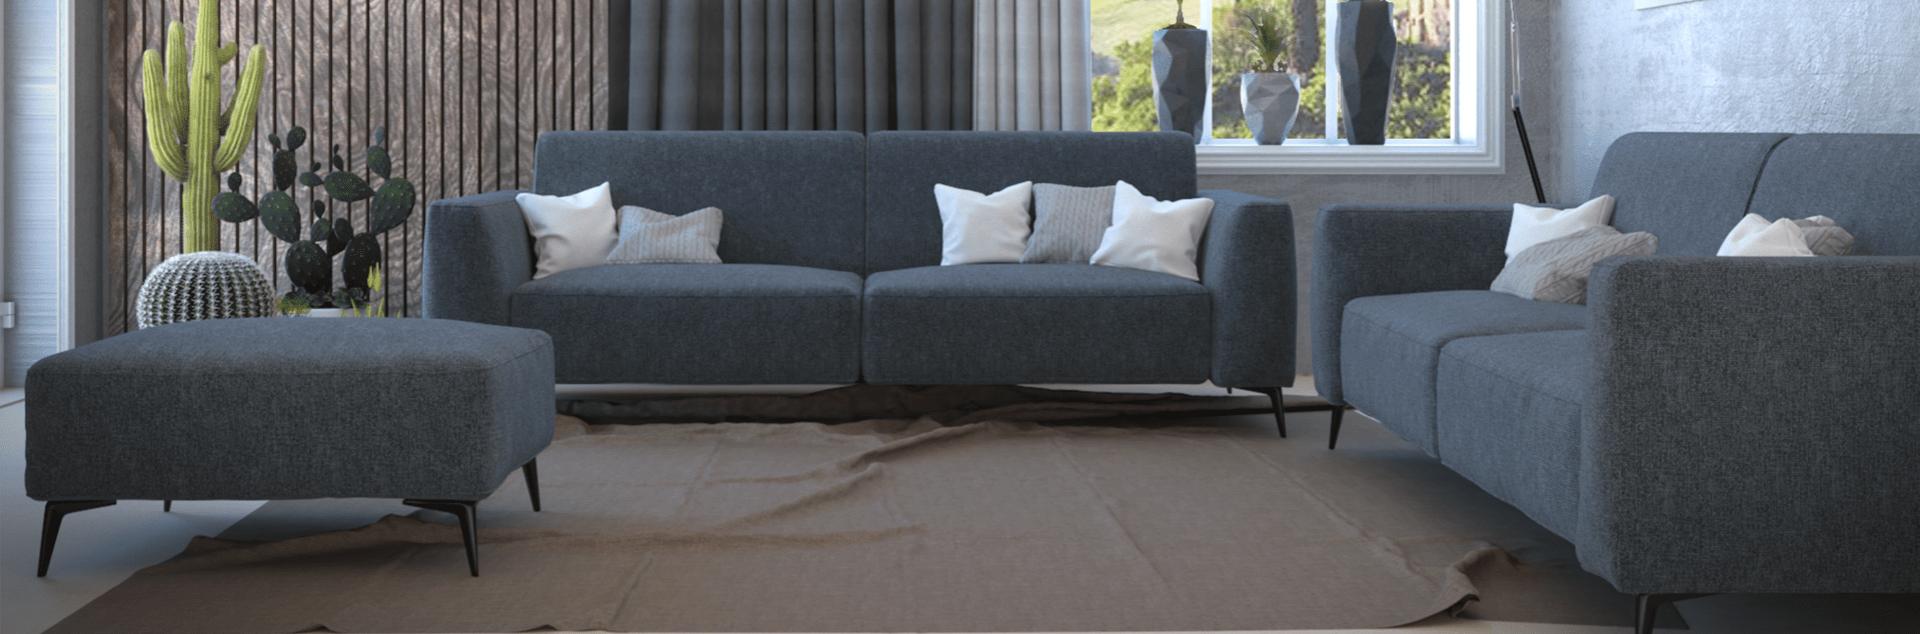 brenna salotti milano divano cerchio 02